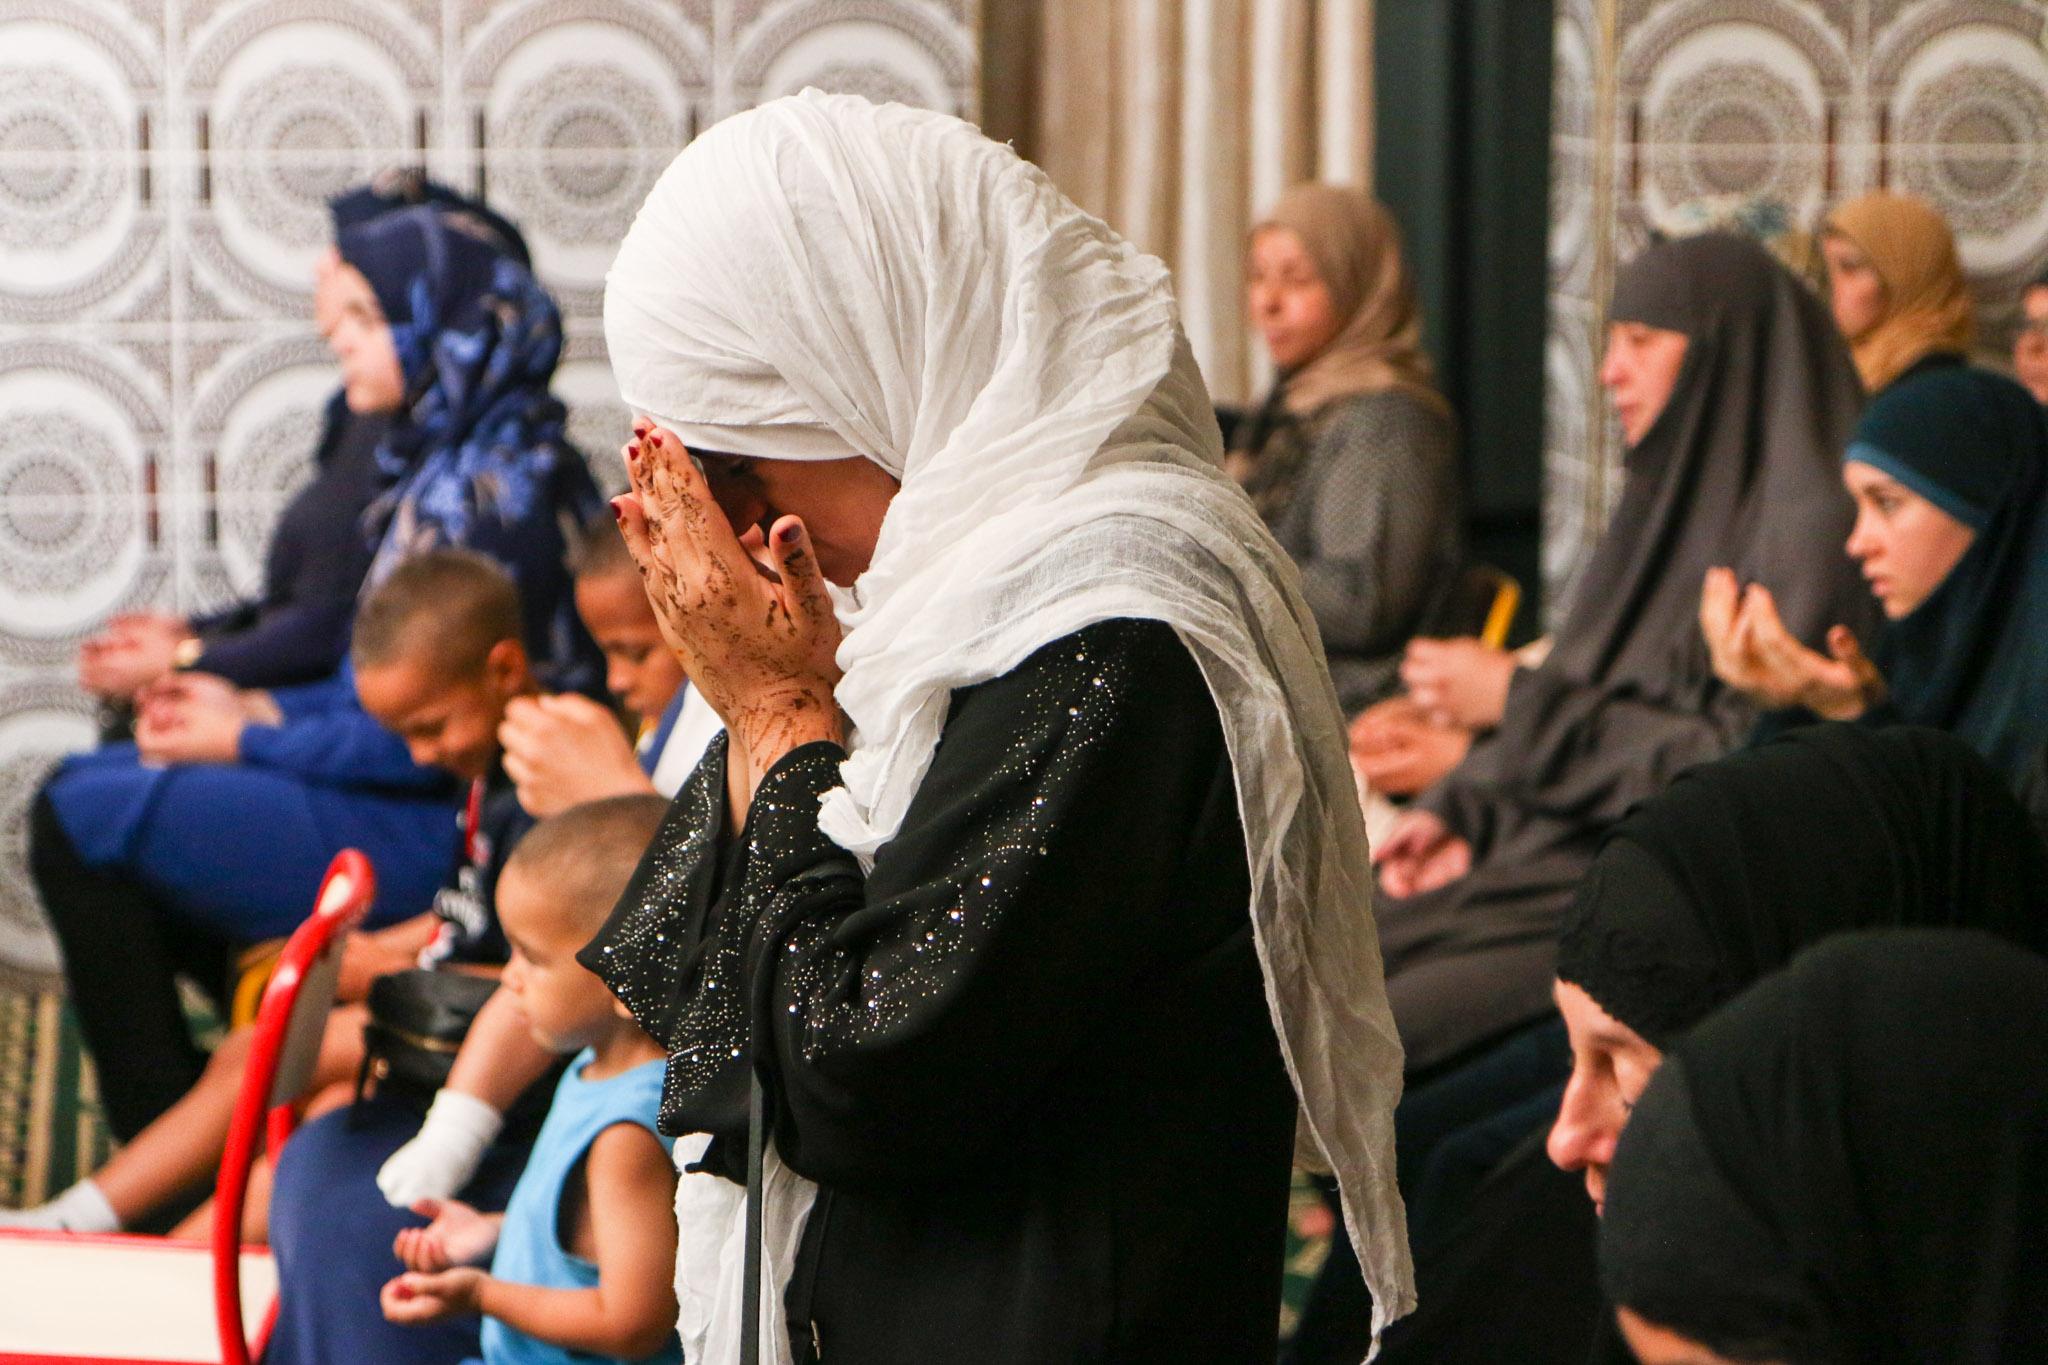 Une femme prie à une cérémonie pour les morts après les attentats de Nice le 21 juillet 2016.